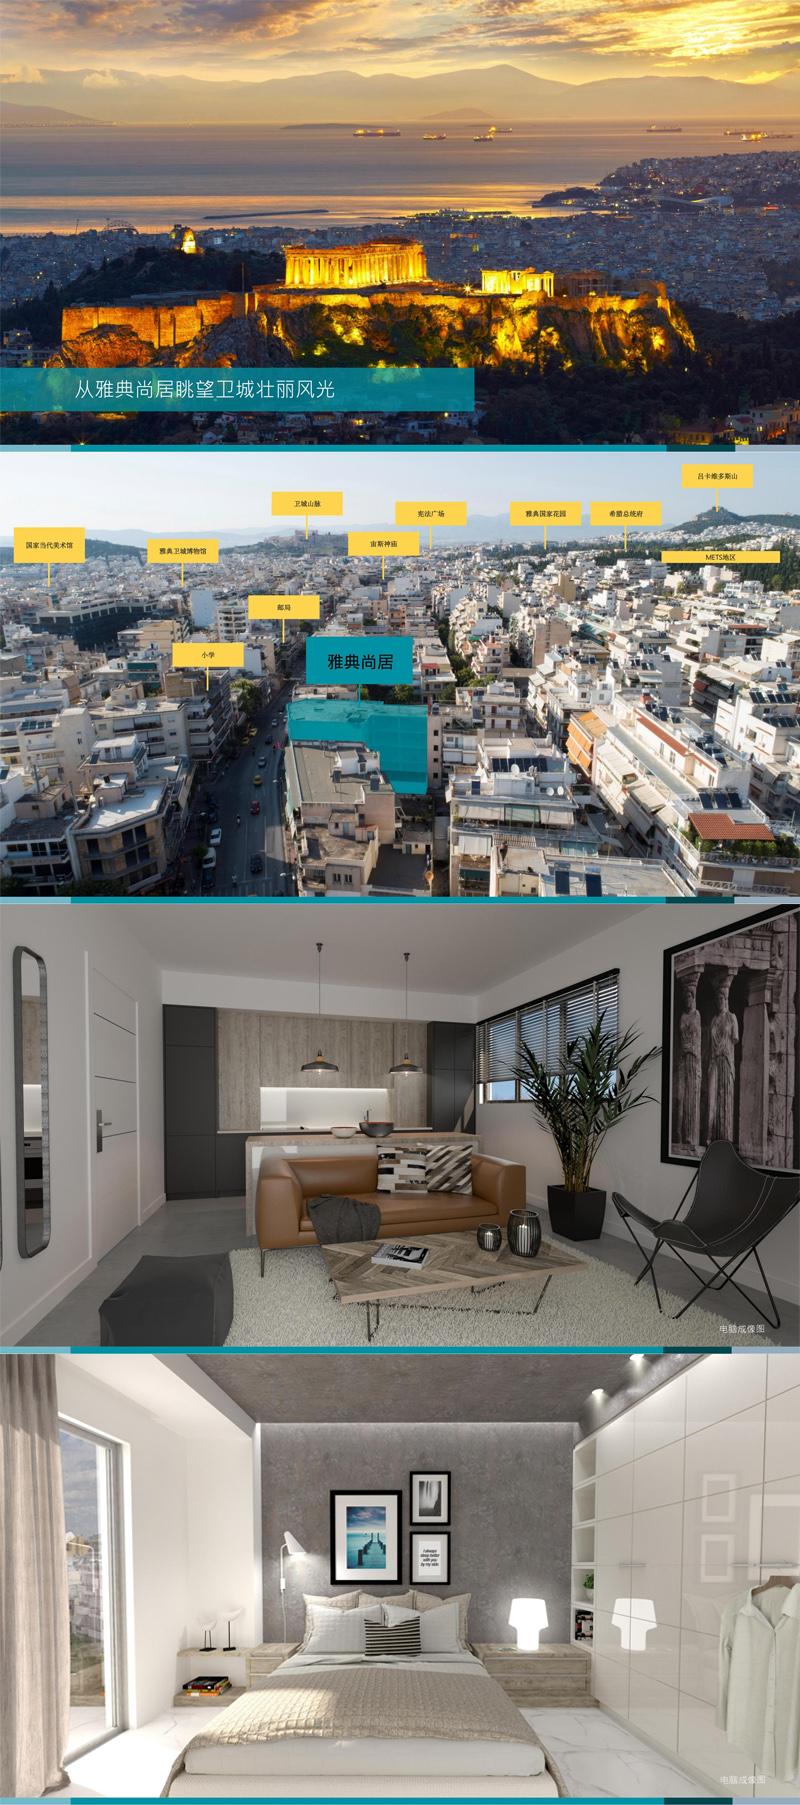 希腊 | 雅典CBD优质公寓